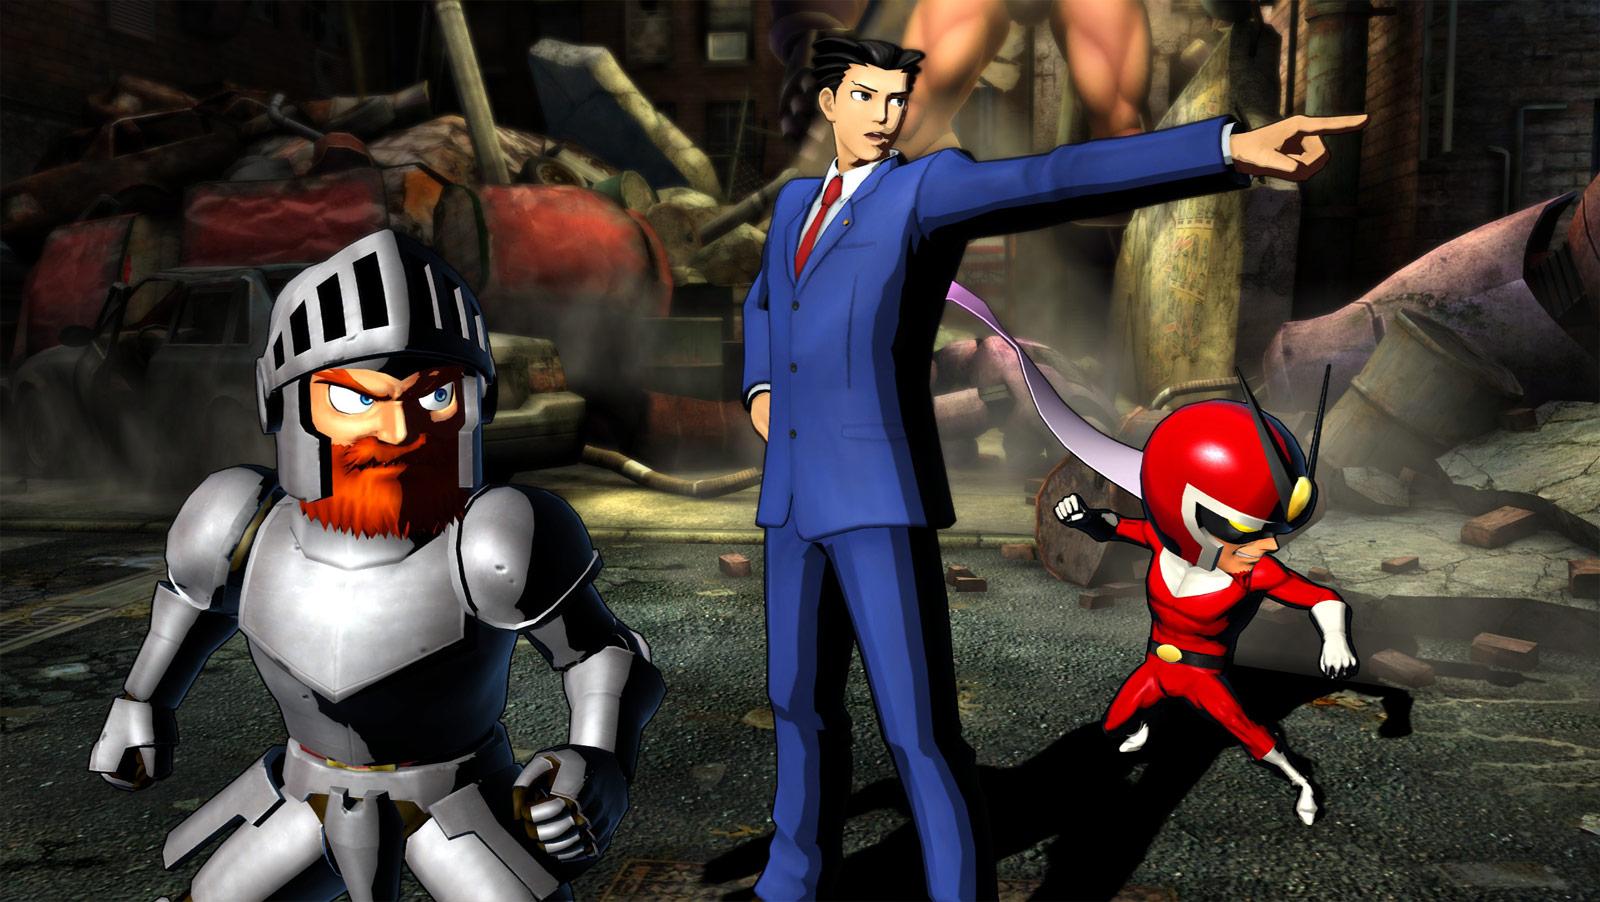 Poder Csmico Em Ultimate Marvel Vs Capcom 3 Protesto Meritssimo Infinite Reg Fernando Saker